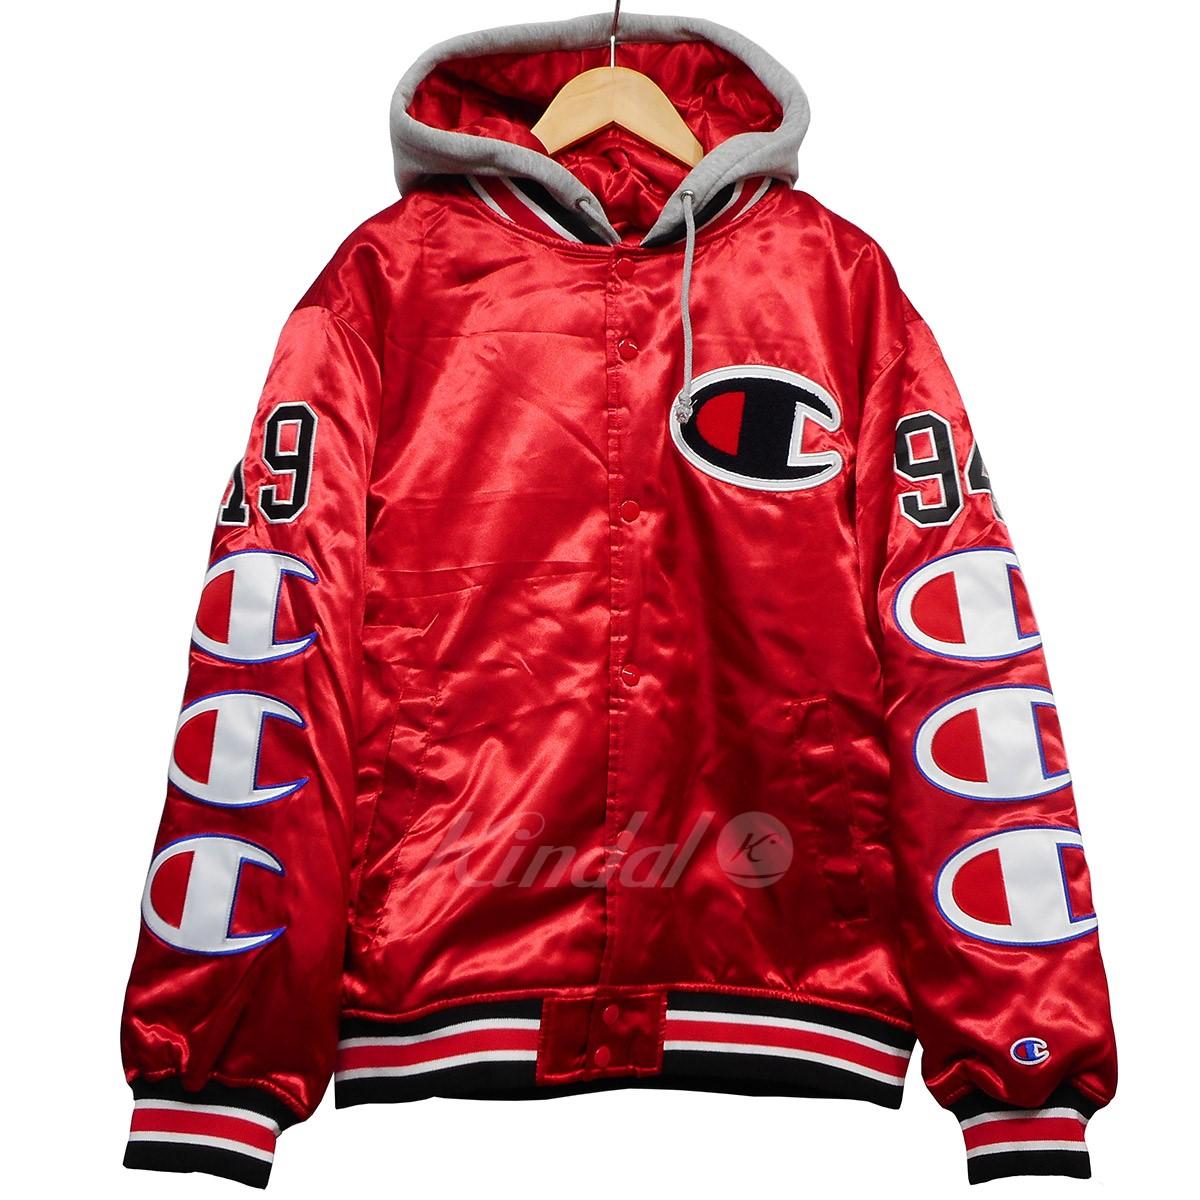 【中古】Supreme x Champion 18AW Hooded Satin Vaesity Jacket レッド サイズ:M 【送料無料】 【241018】(シュプリーム チャンピオン), chama_cha c9c89530